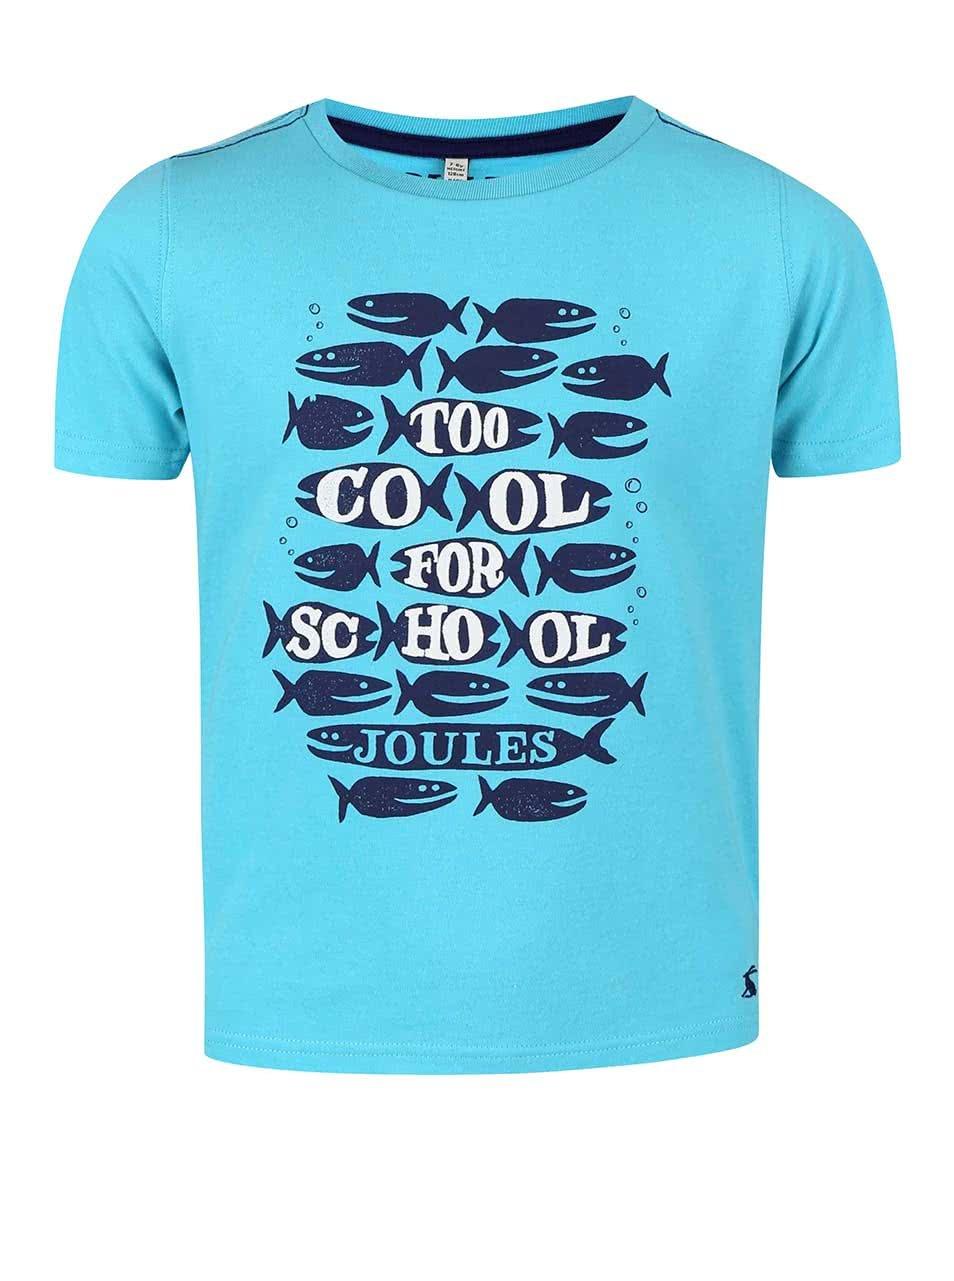 b84da2a5878 Modré chlapčenské tričko s potlačou rybičiek Tom Joule ...